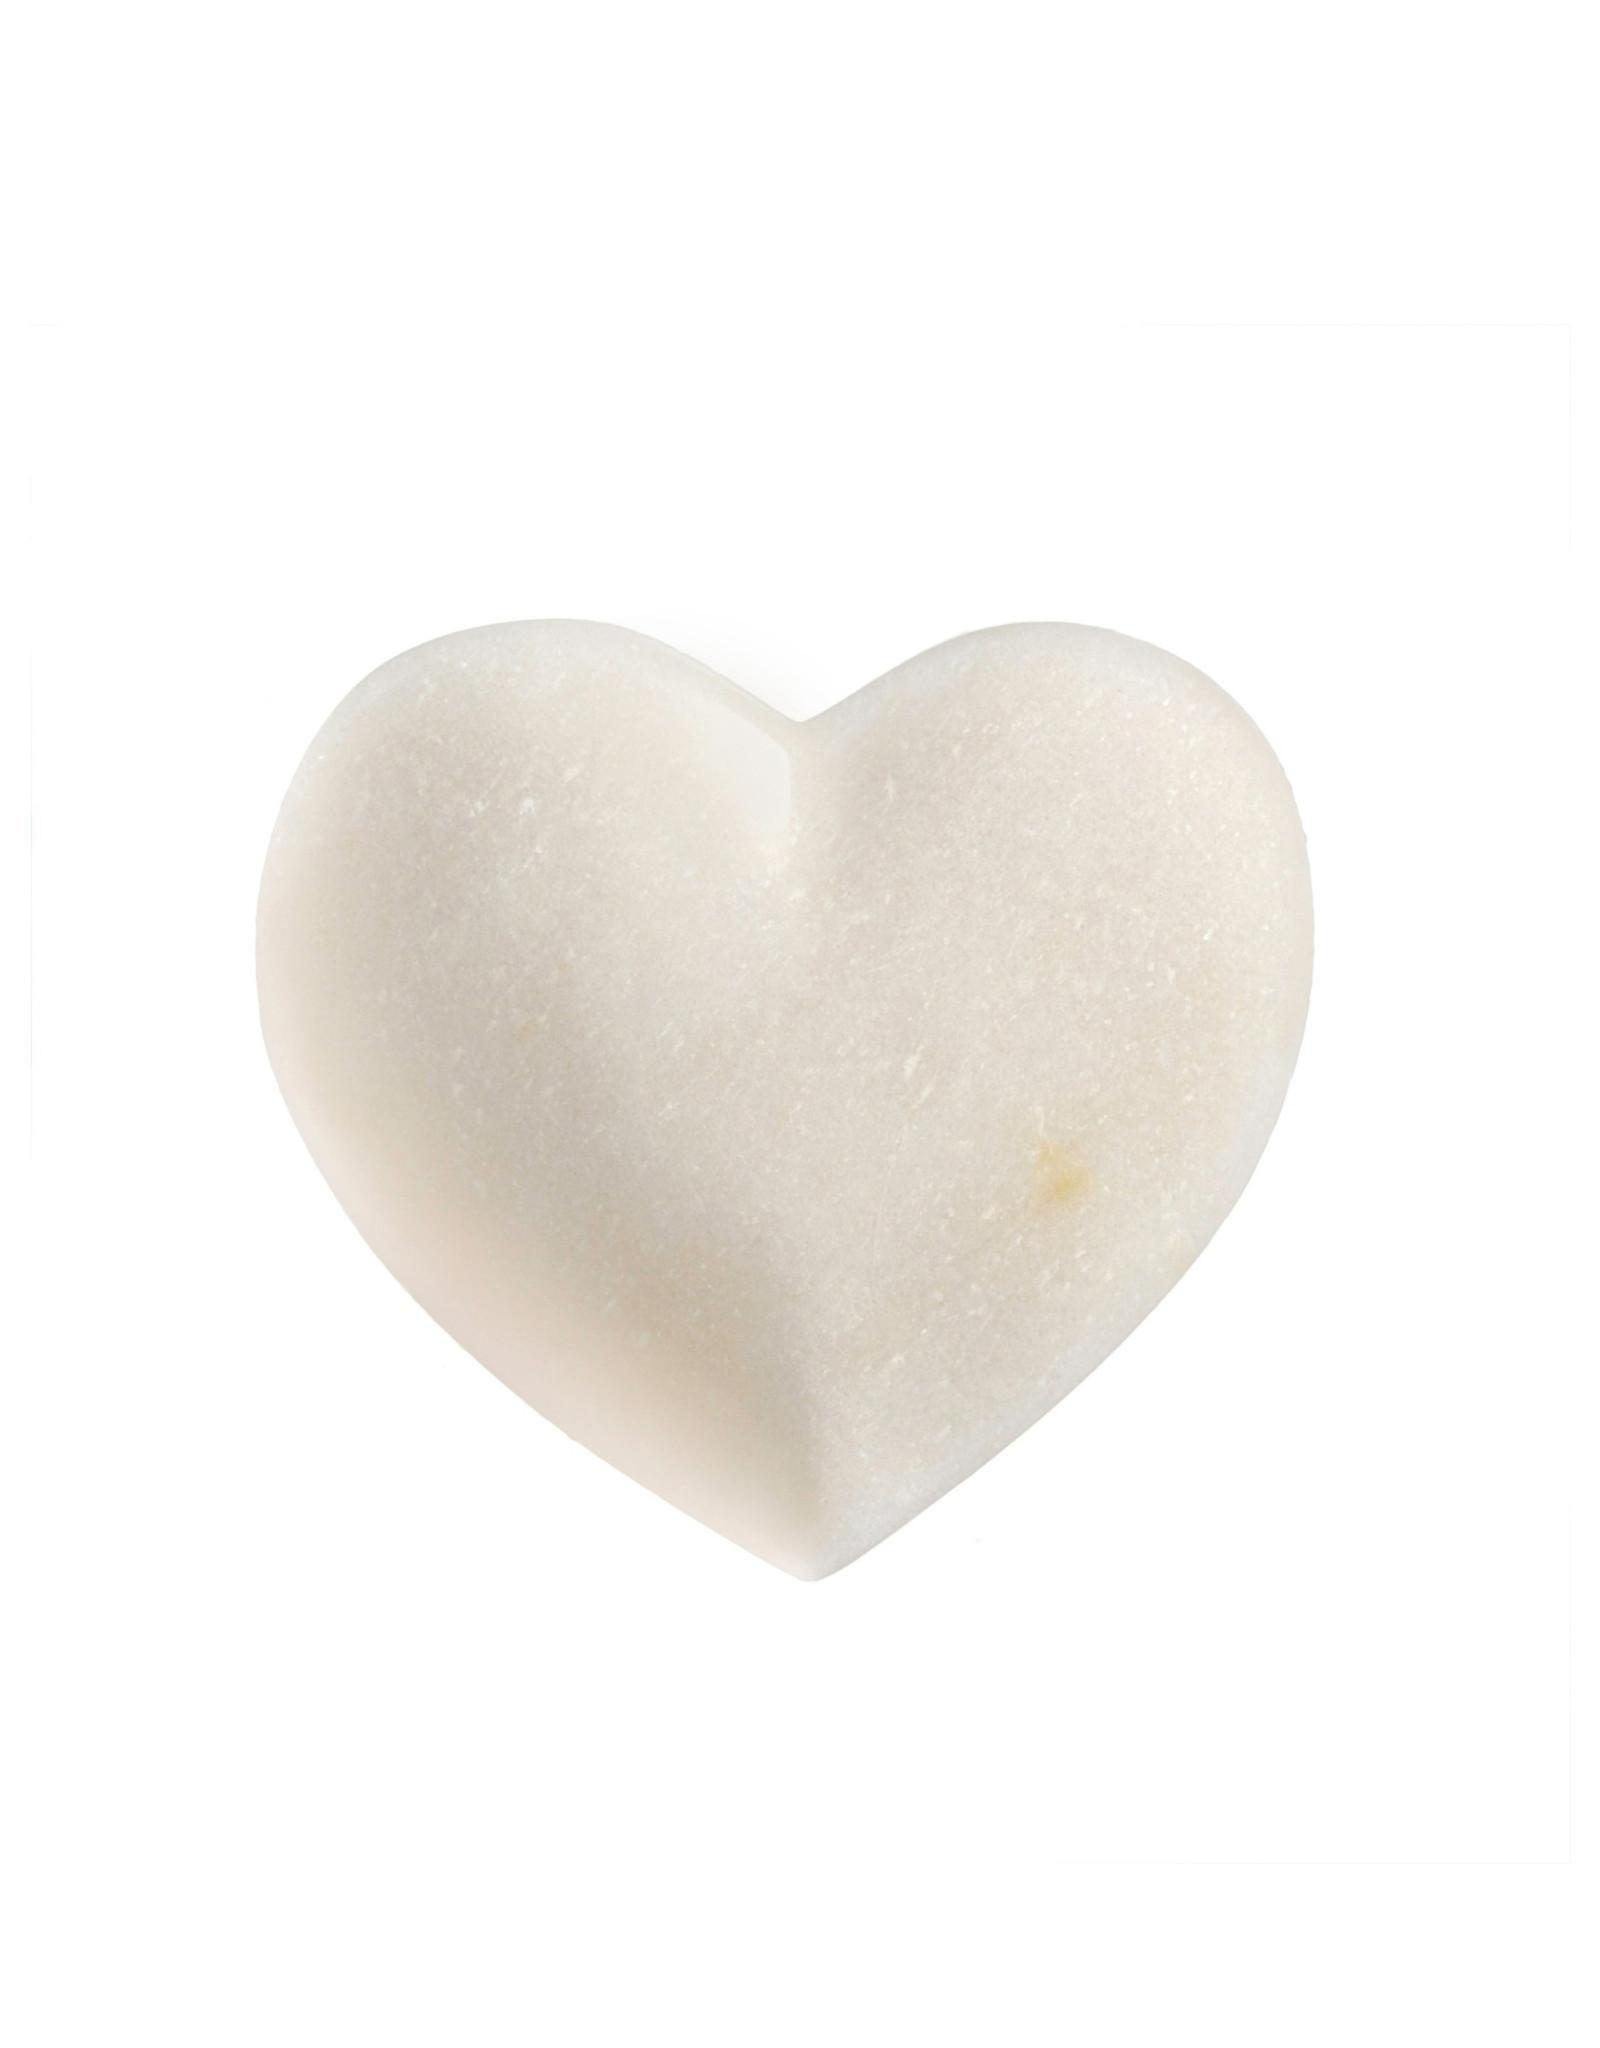 Indaba Marble Heart Dish - Large